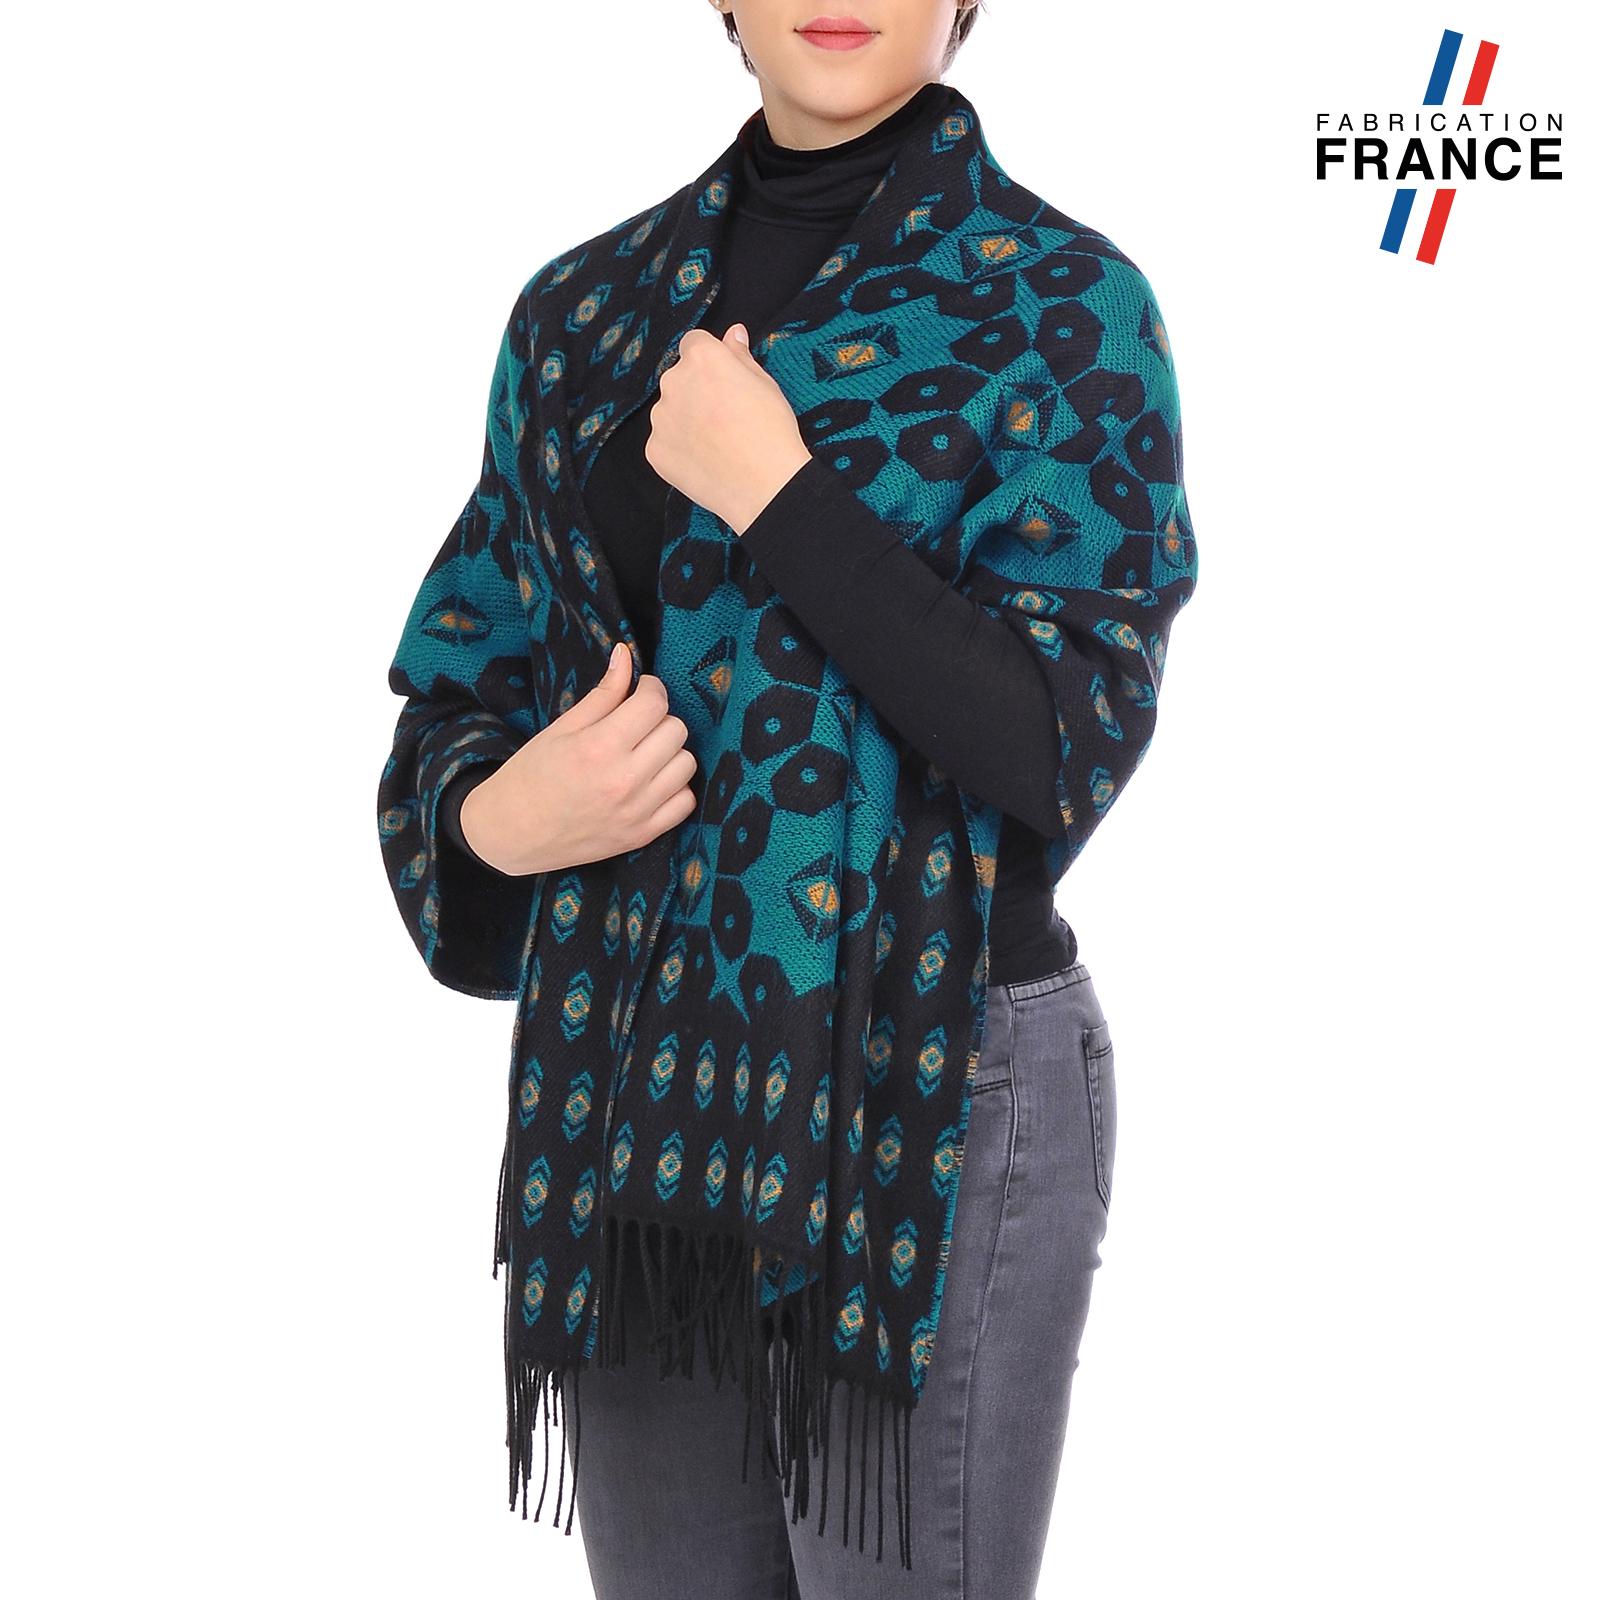 AT-03462-V16-chale-femme-motifs-geometriques-noir-bleu